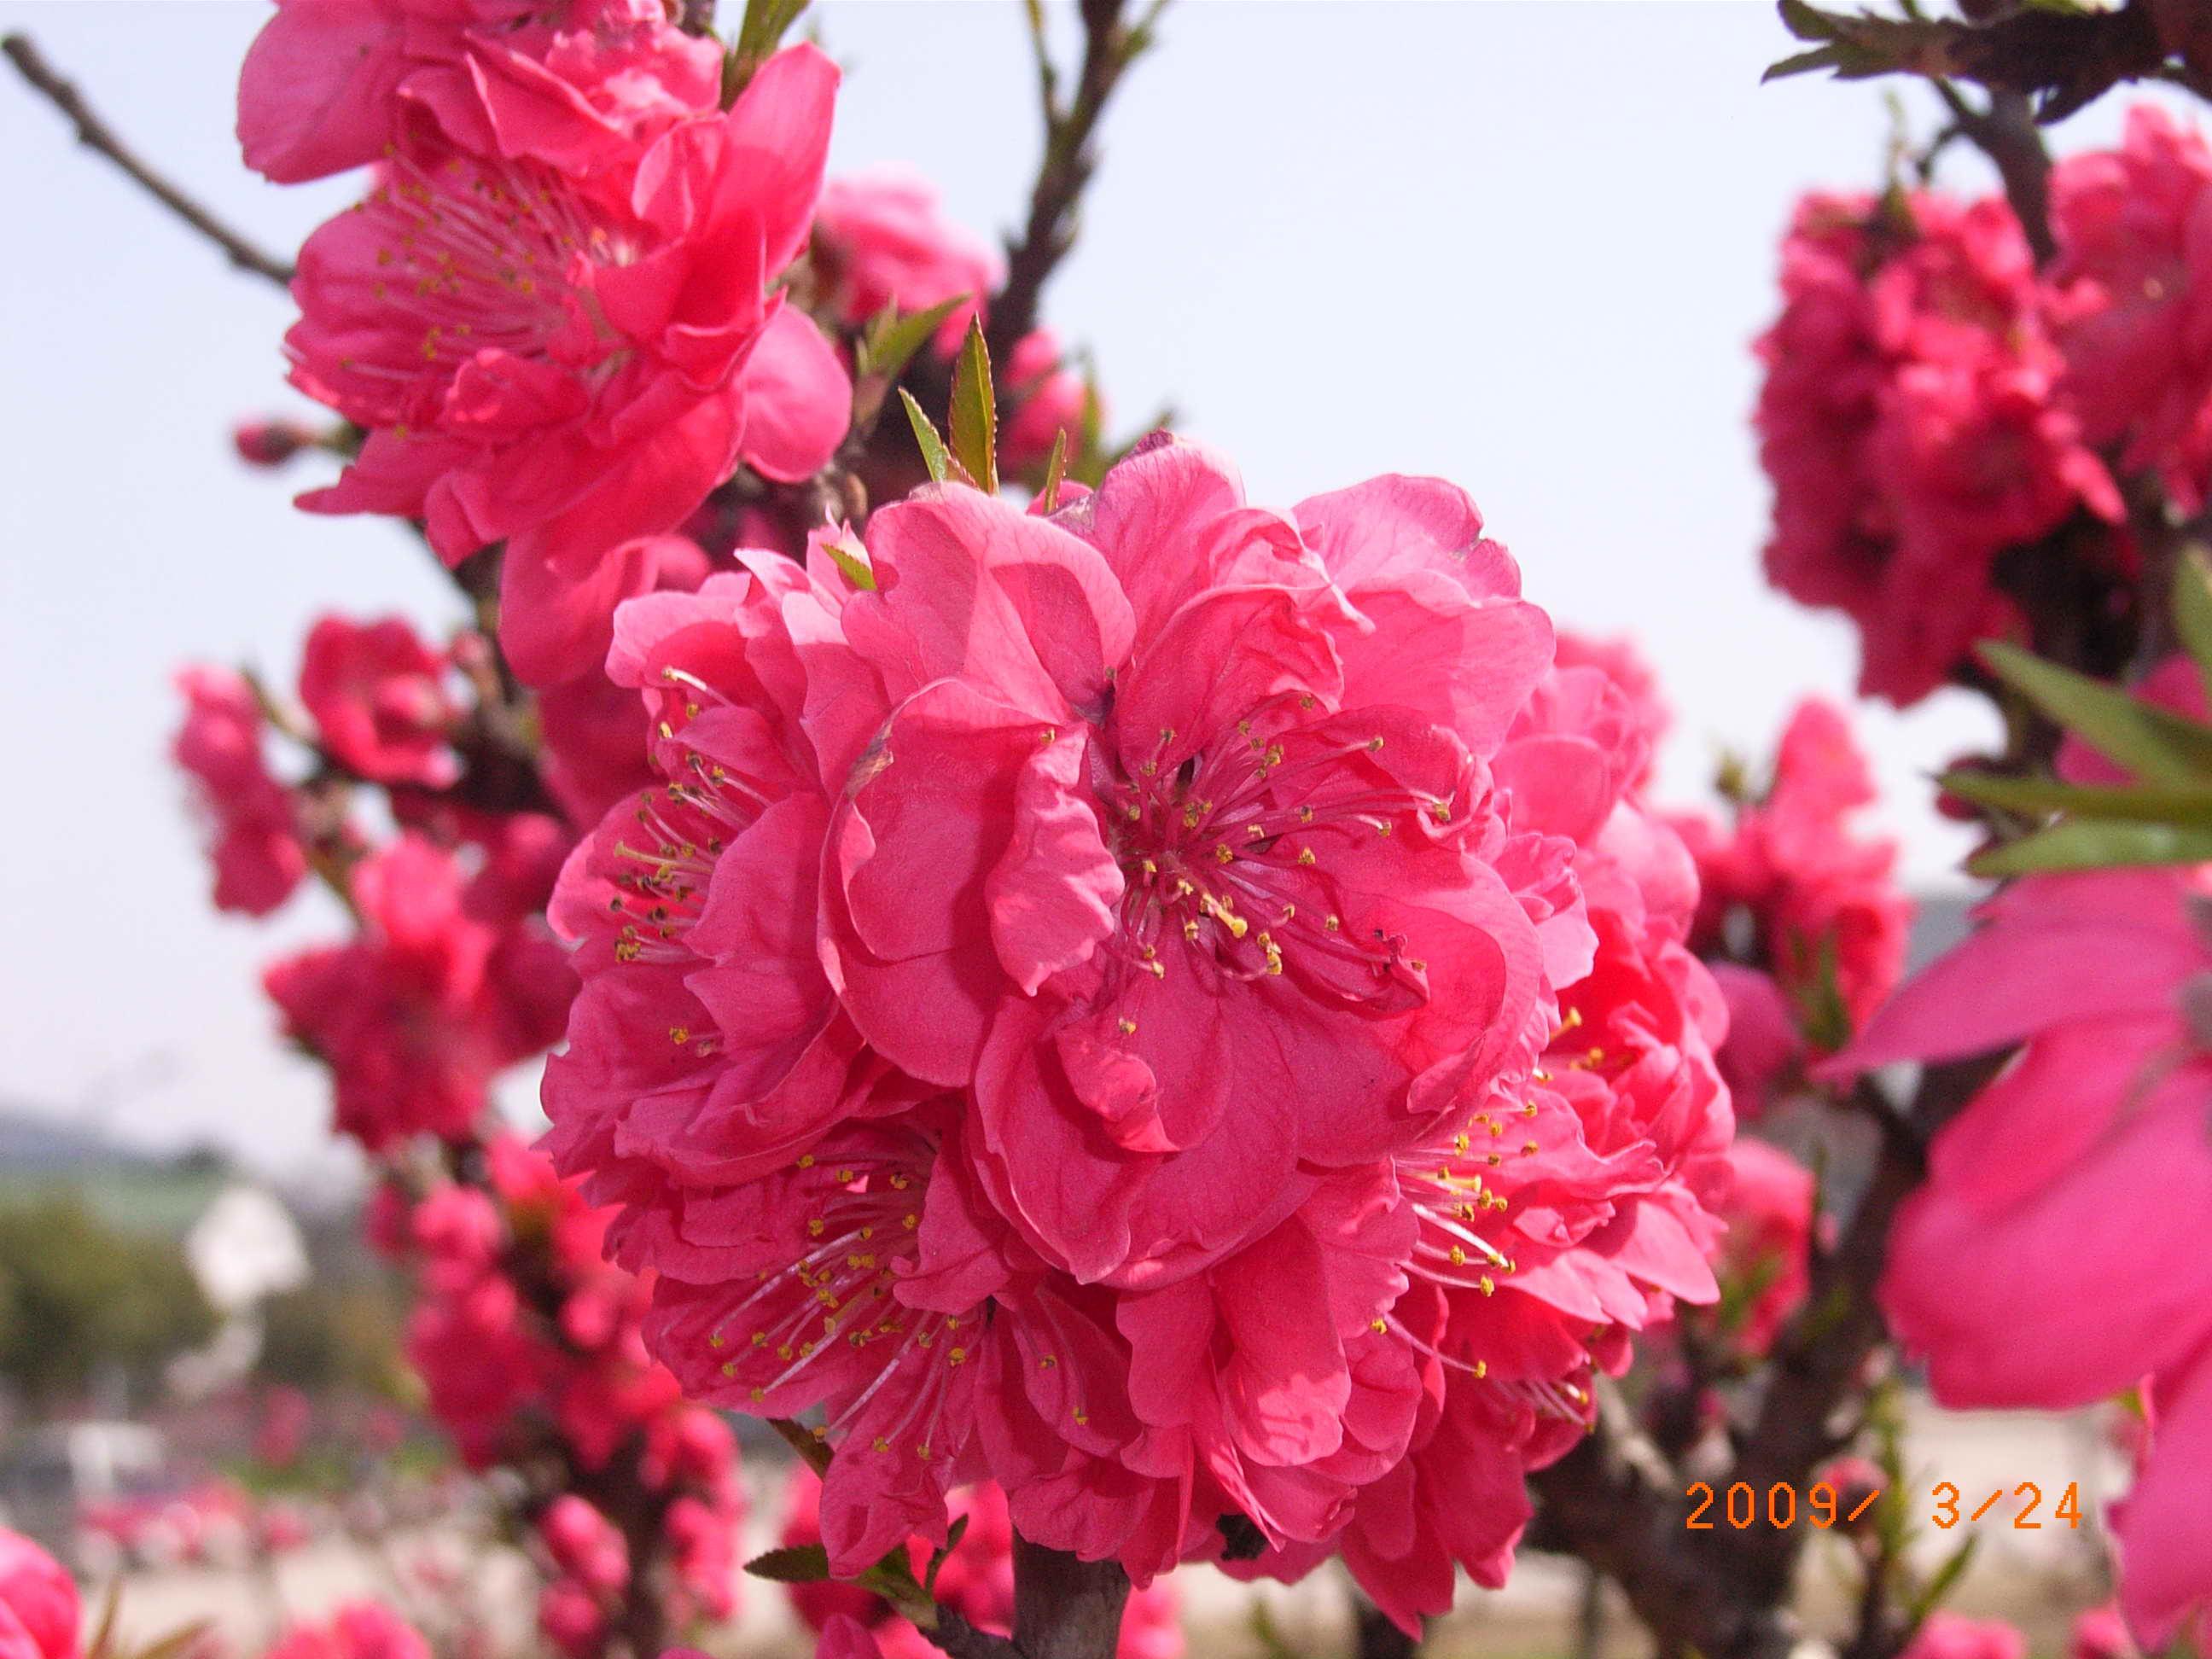 """每一朵花都是动人的,正如梅尧臣的诗一样,""""野鸟眠岸有闲意,老树着花无"""